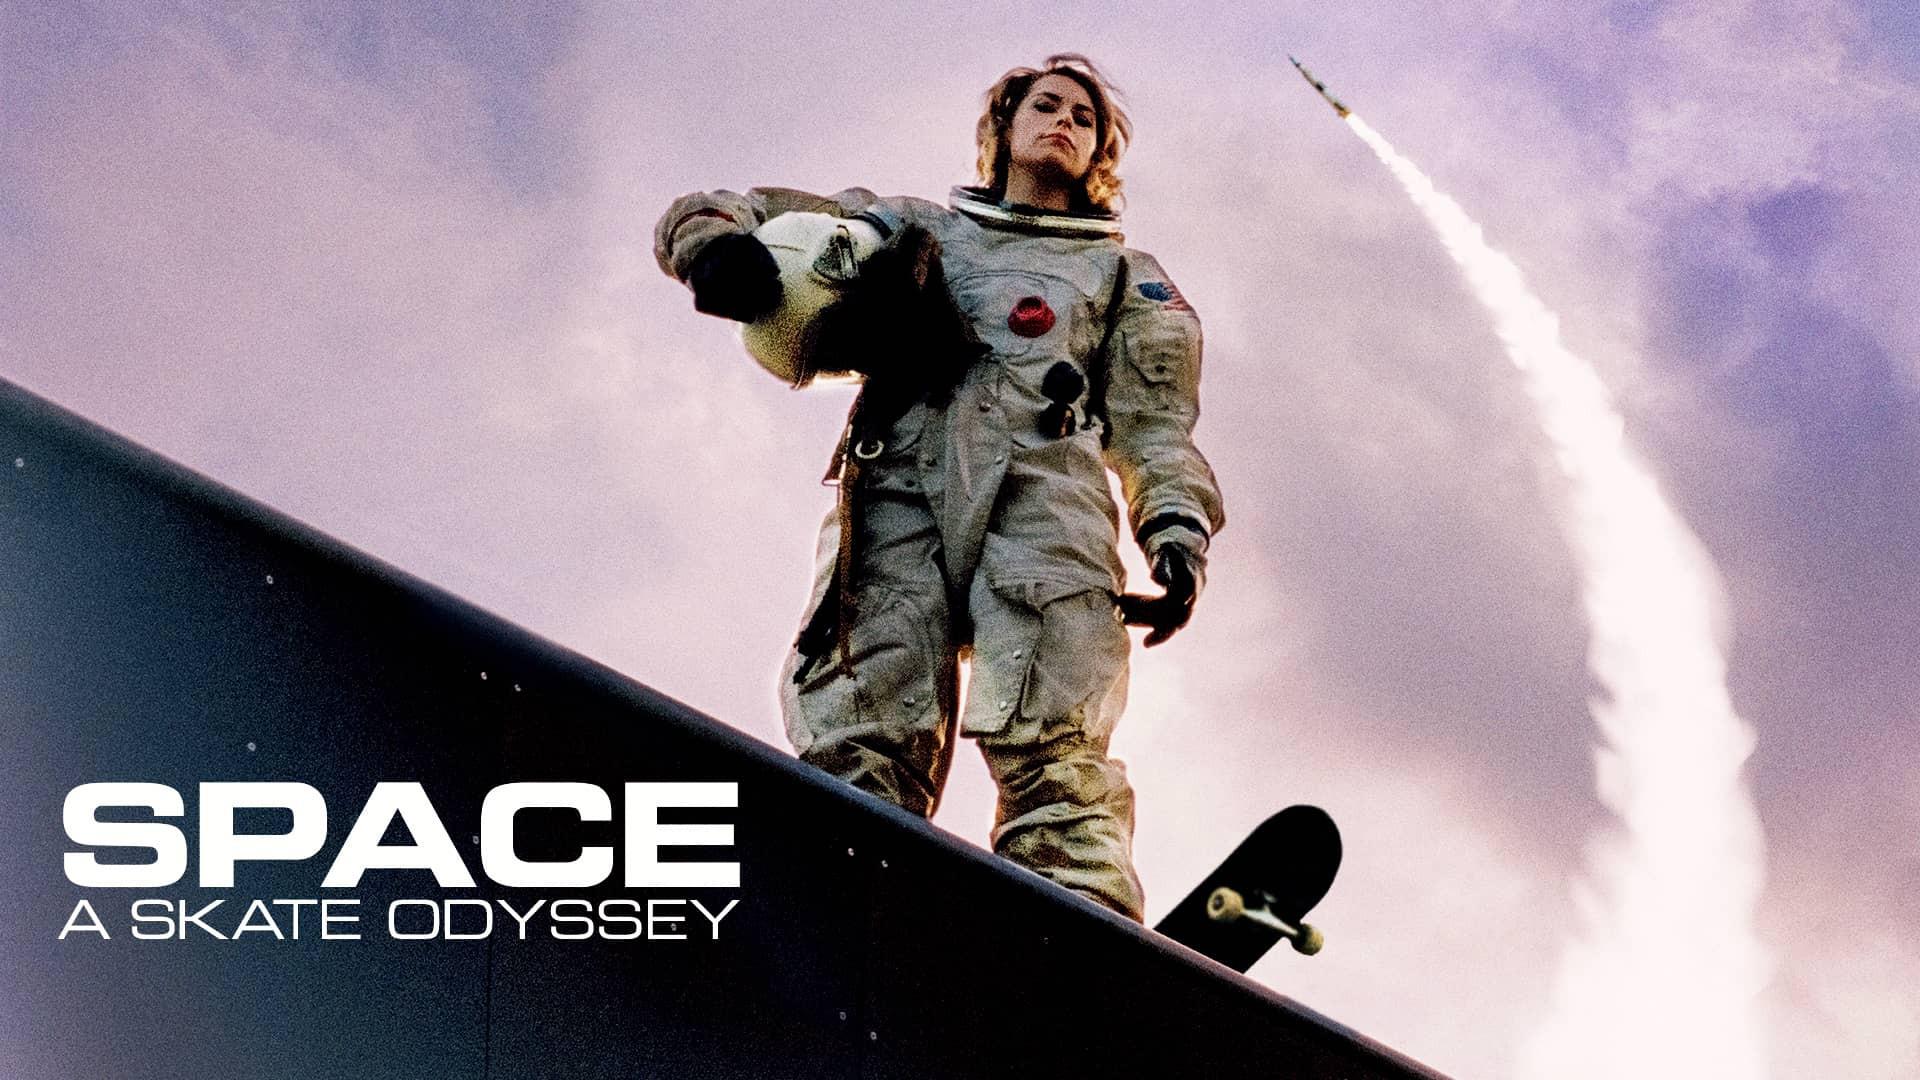 Space - A Skate Odyssey